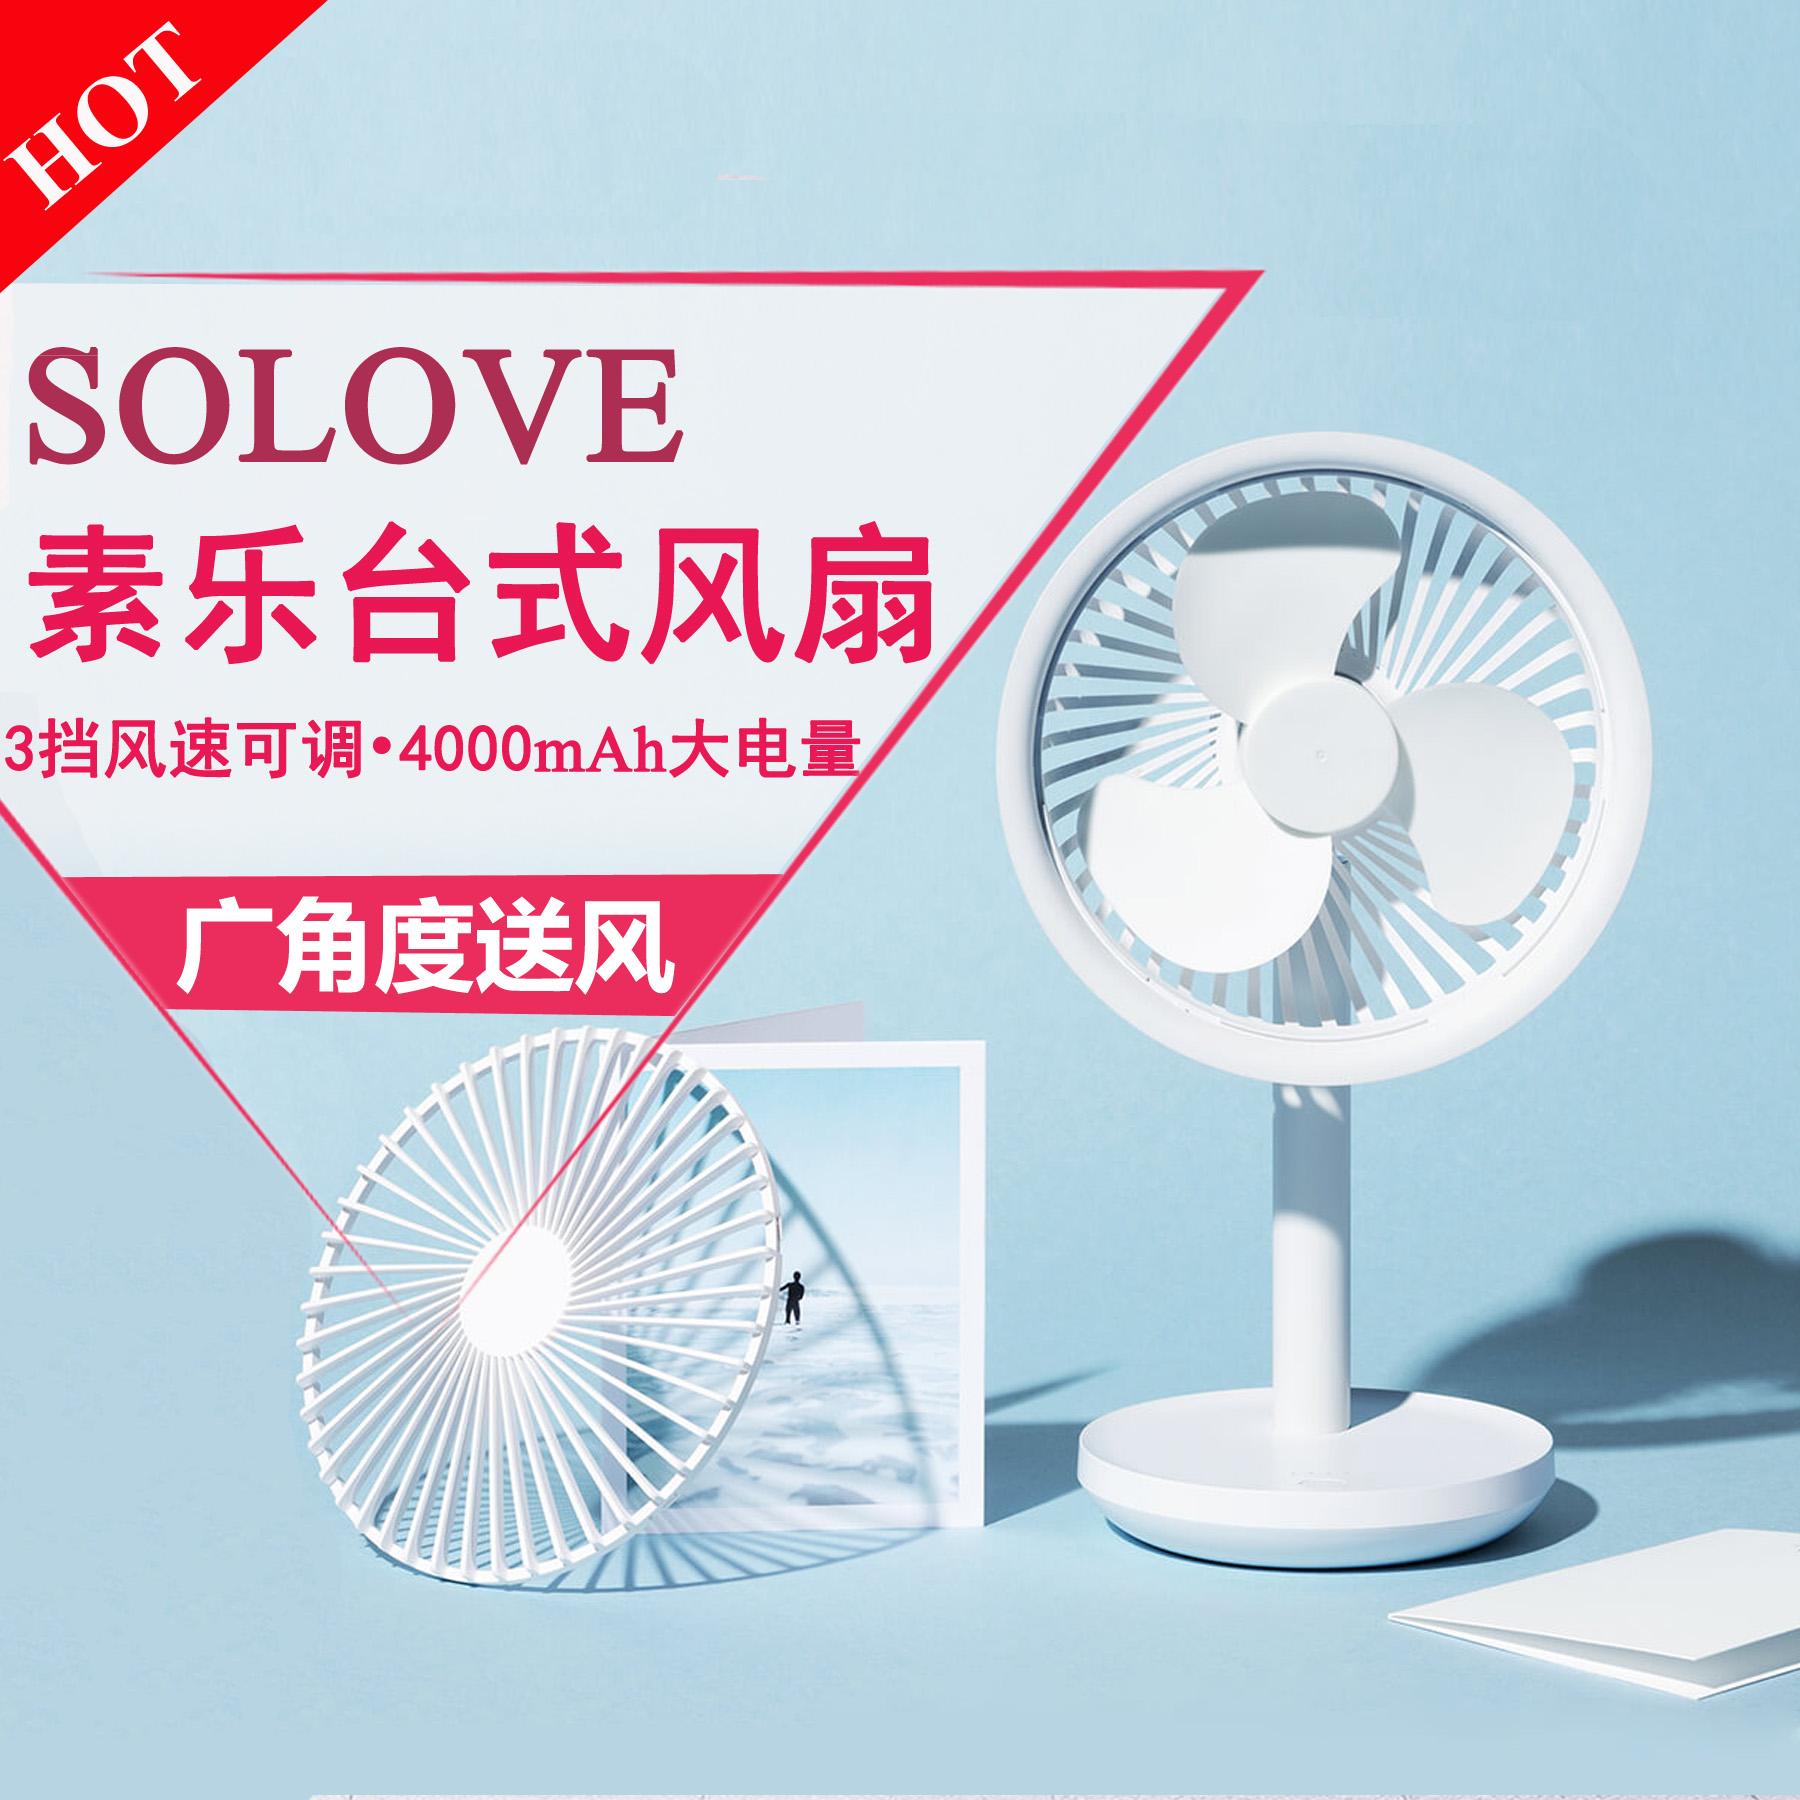 小米 SOLOVE素乐台式电风扇充电迷你可摇头静音学生宿舍办公室